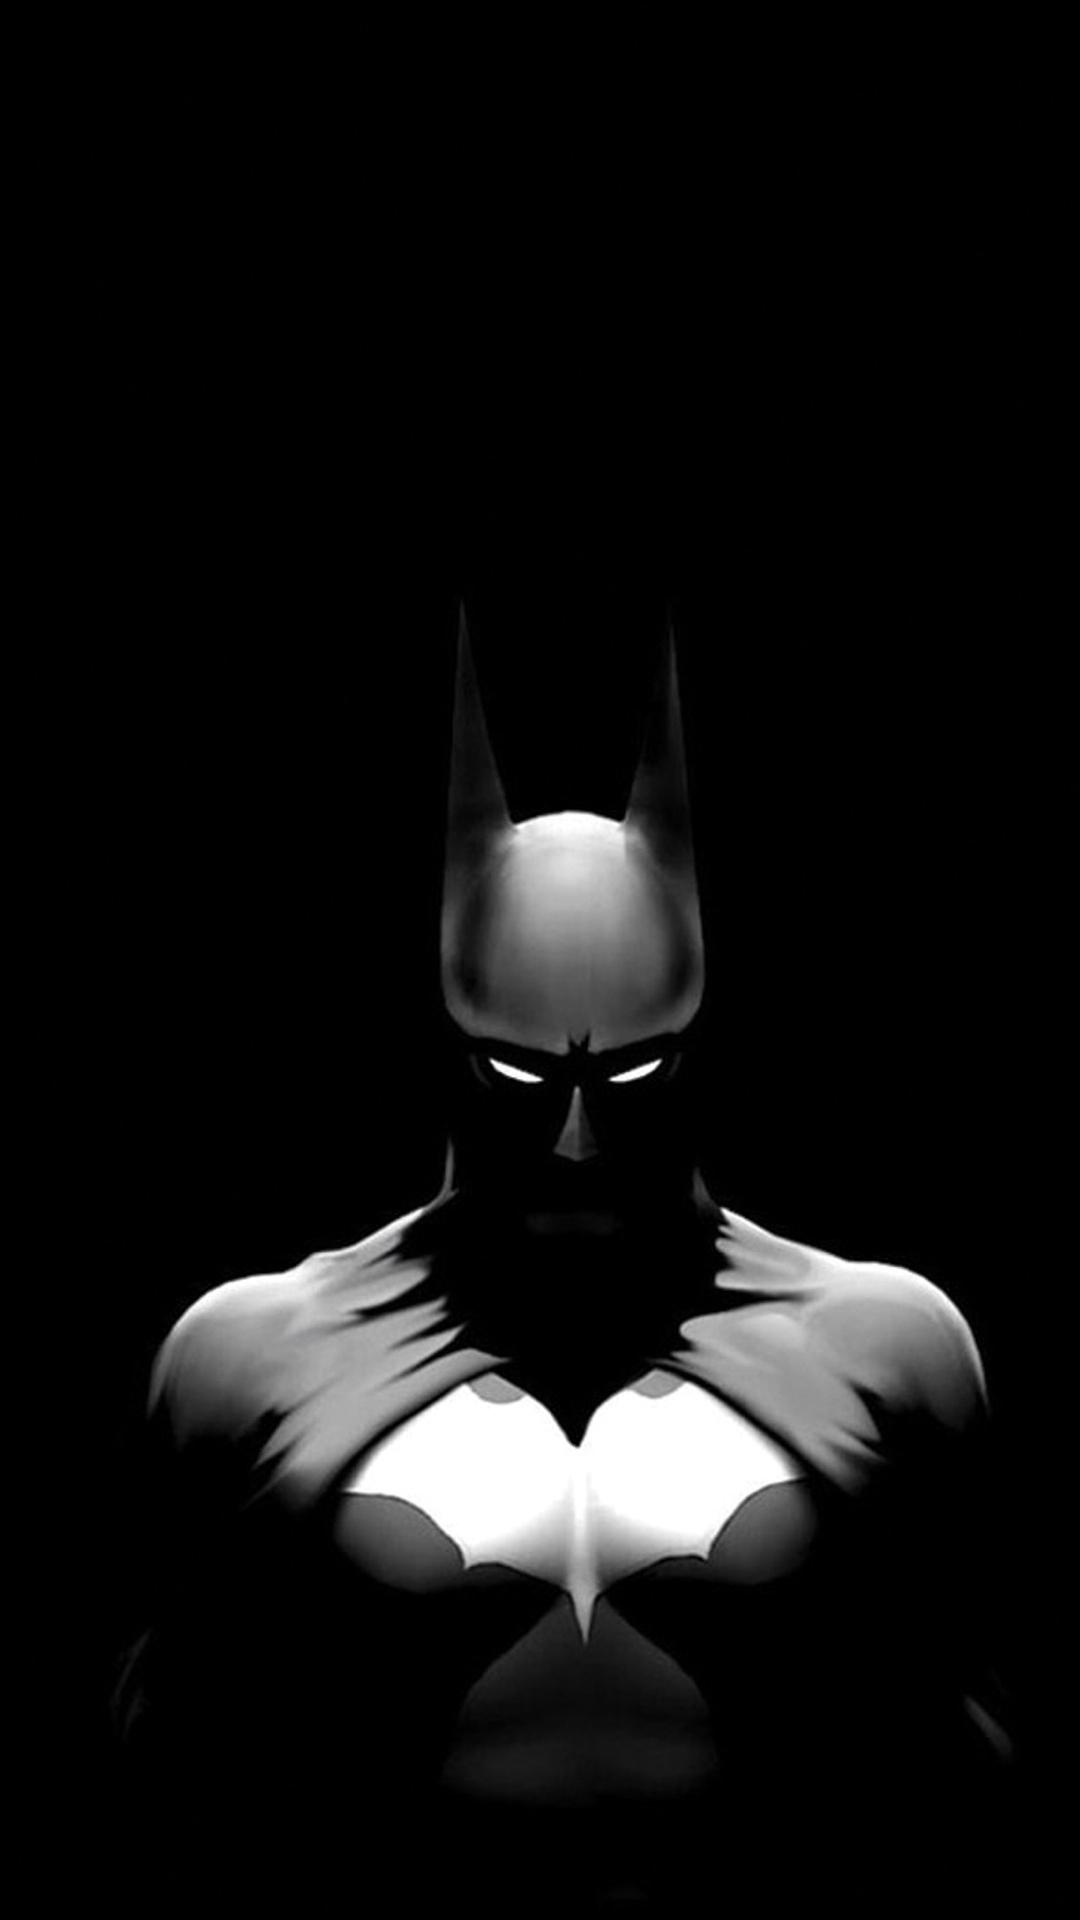 Batman Dark Illustration iPhone 6 Plus HD Wallpaper HD Wallpapers 1080x1920